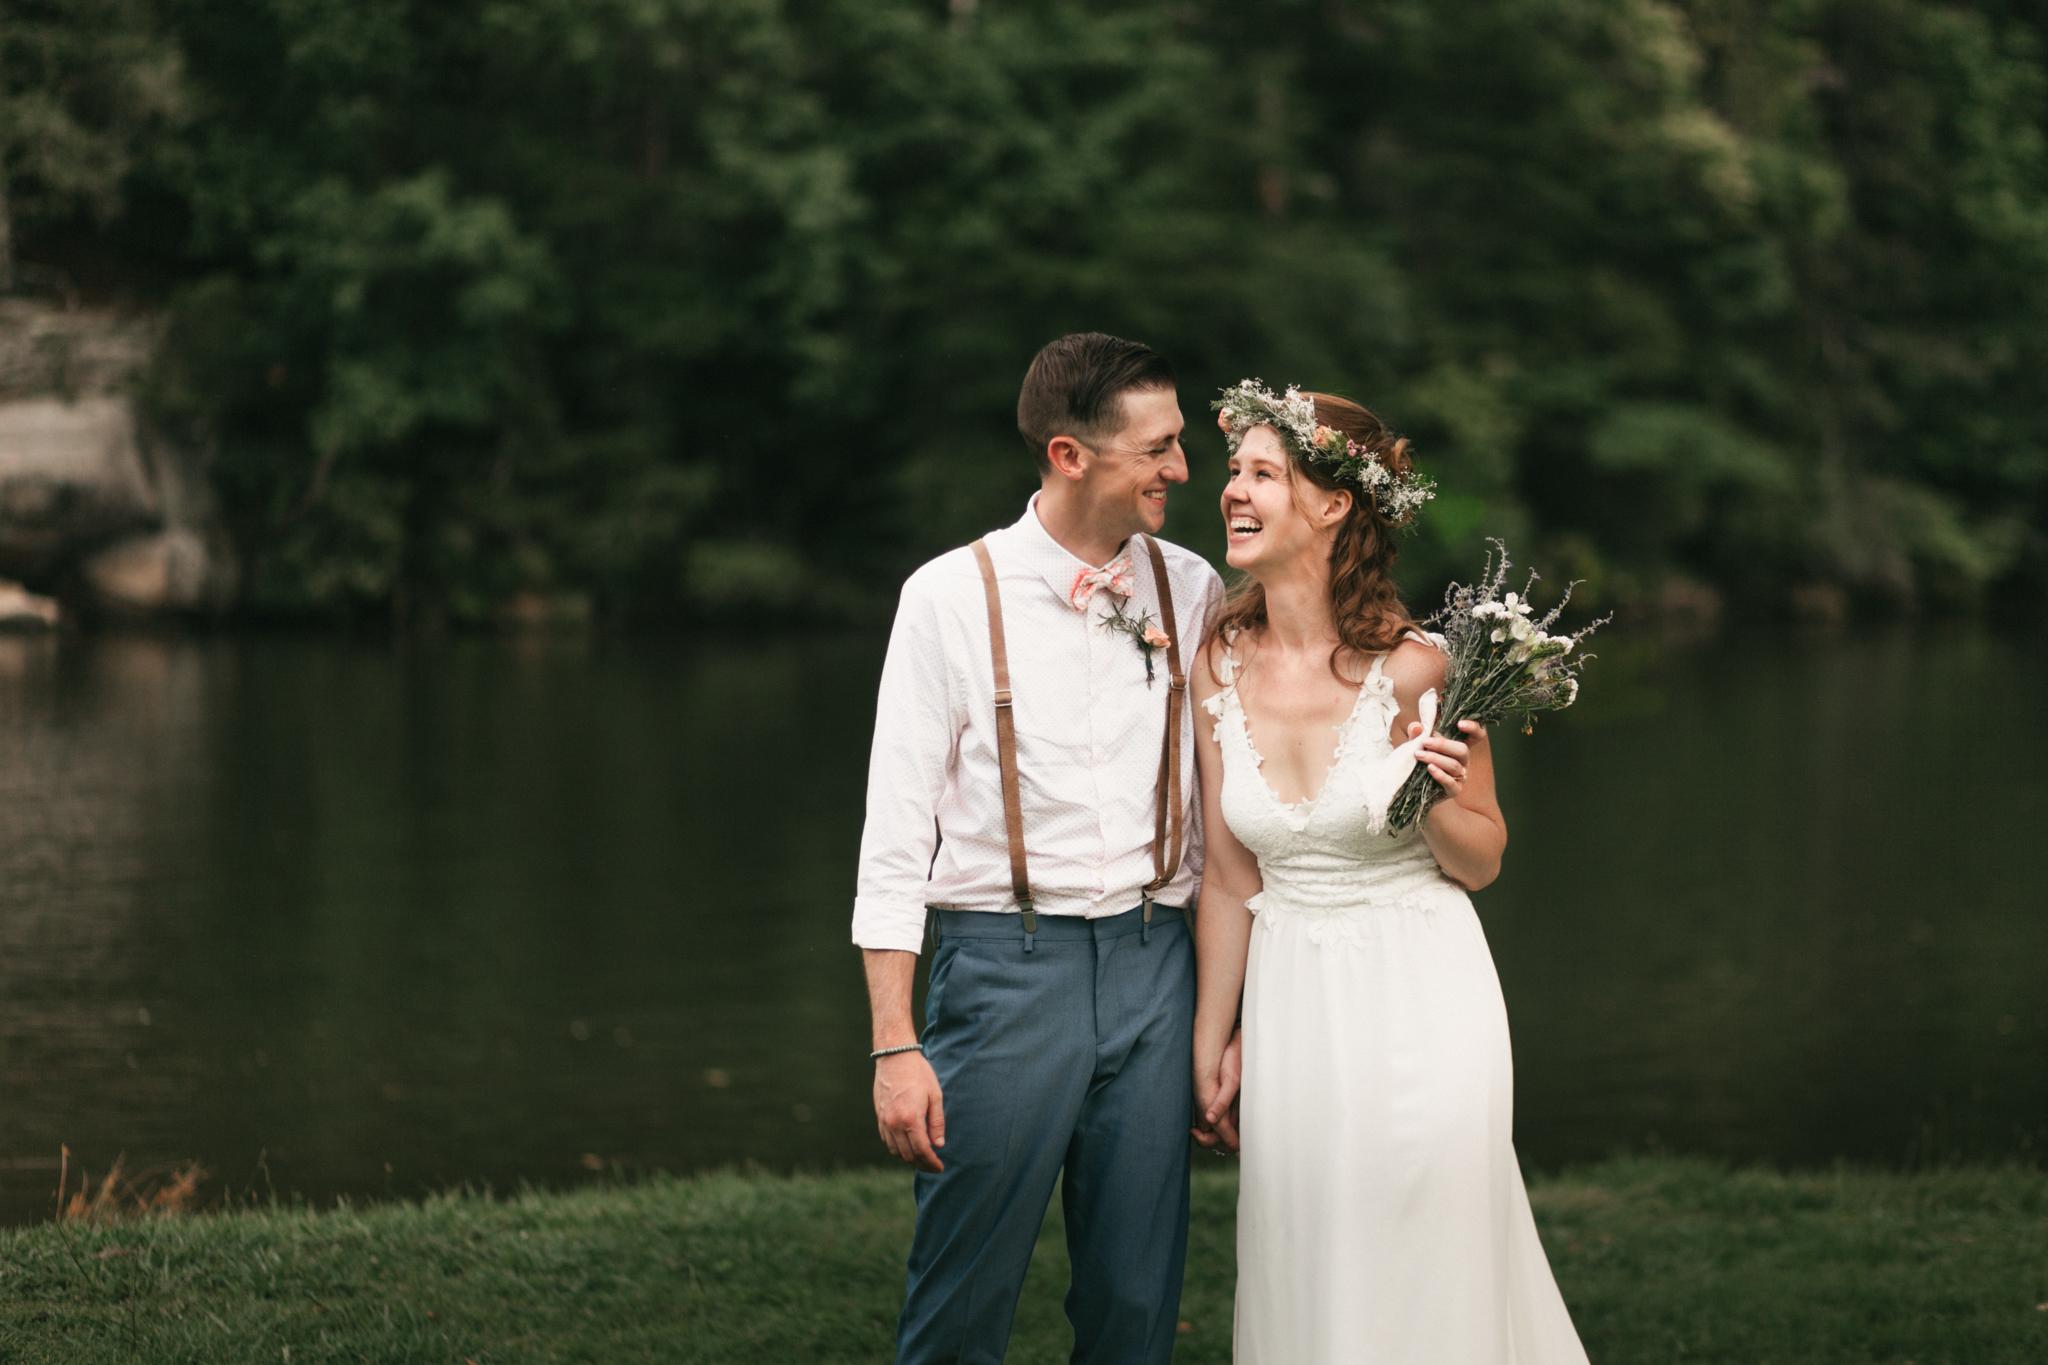 Lake_Lure_Wedding-26.jpg